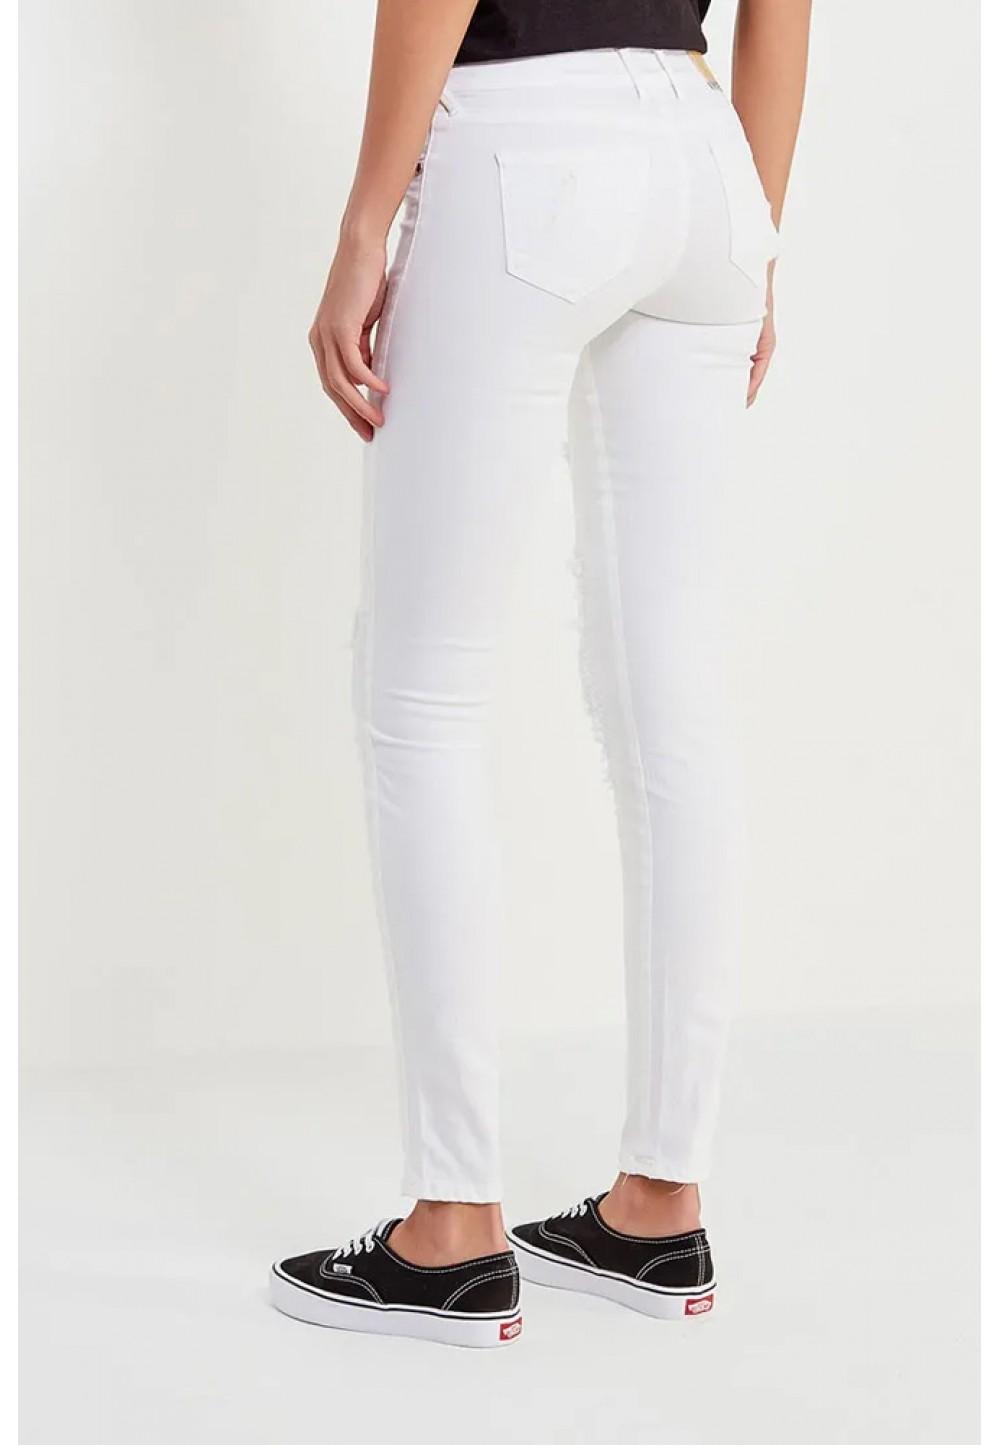 Белые рваные джинсы с сеткой